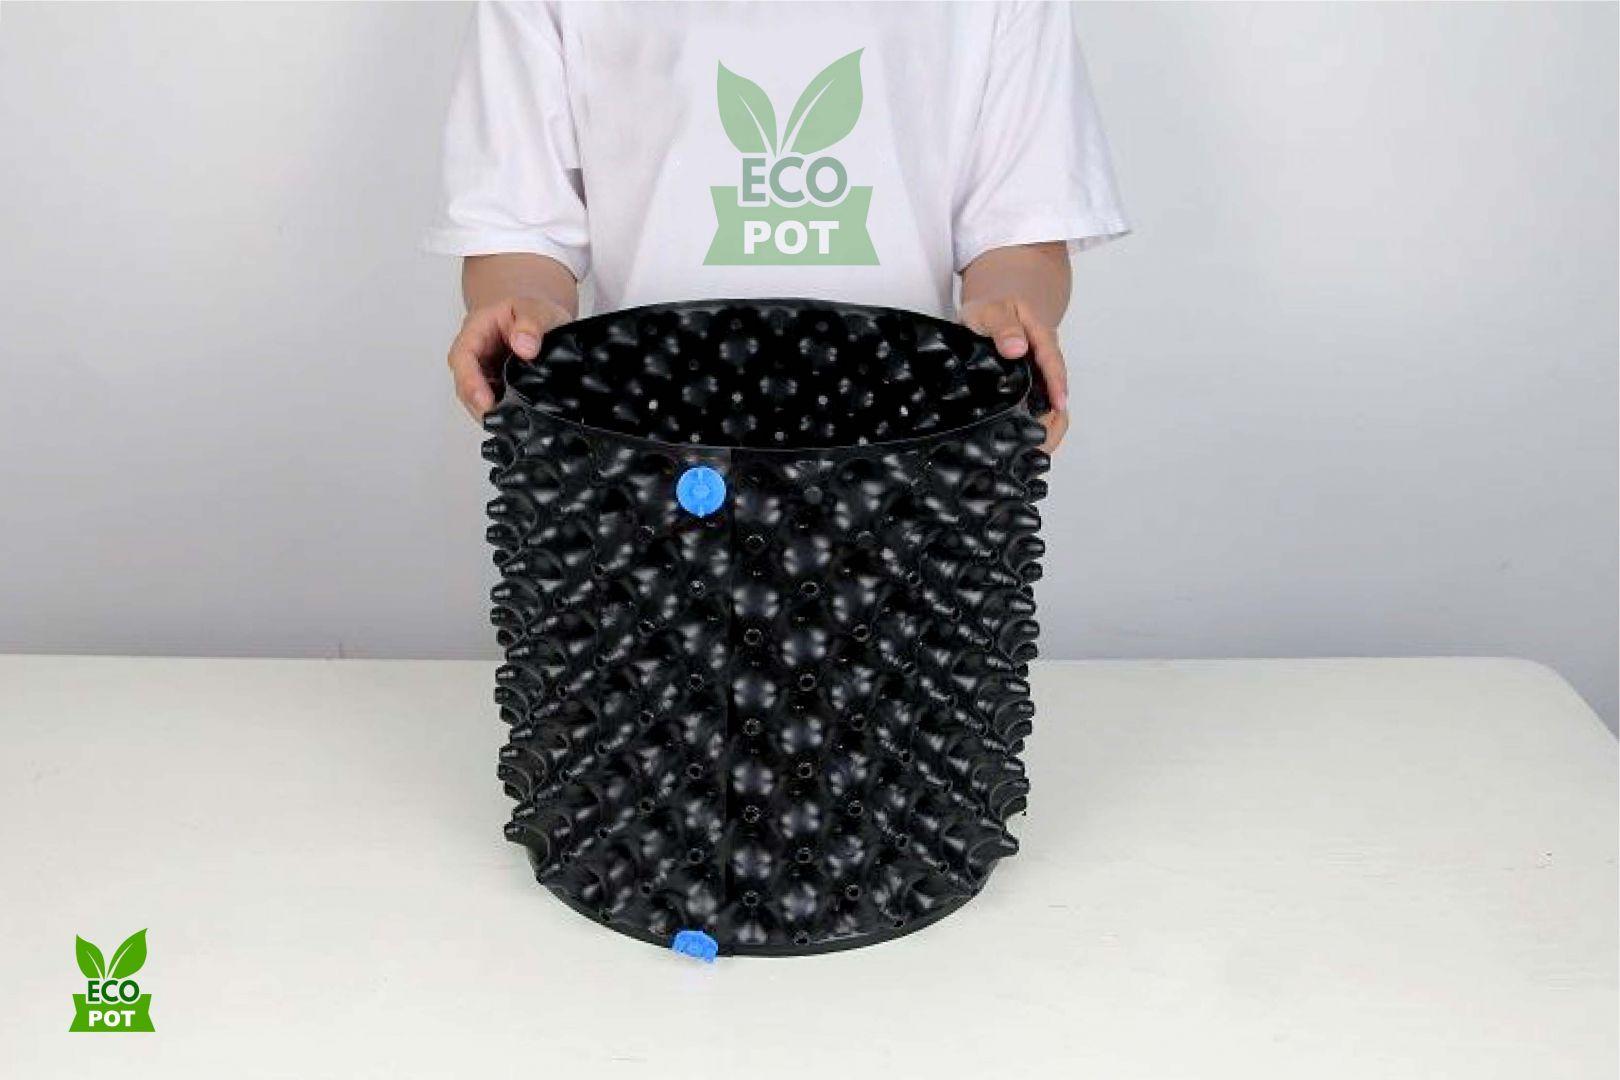 Bầu ươm Ecopot sau khi hoàn thành lắp đặt, dễ dàng và tiện lợi